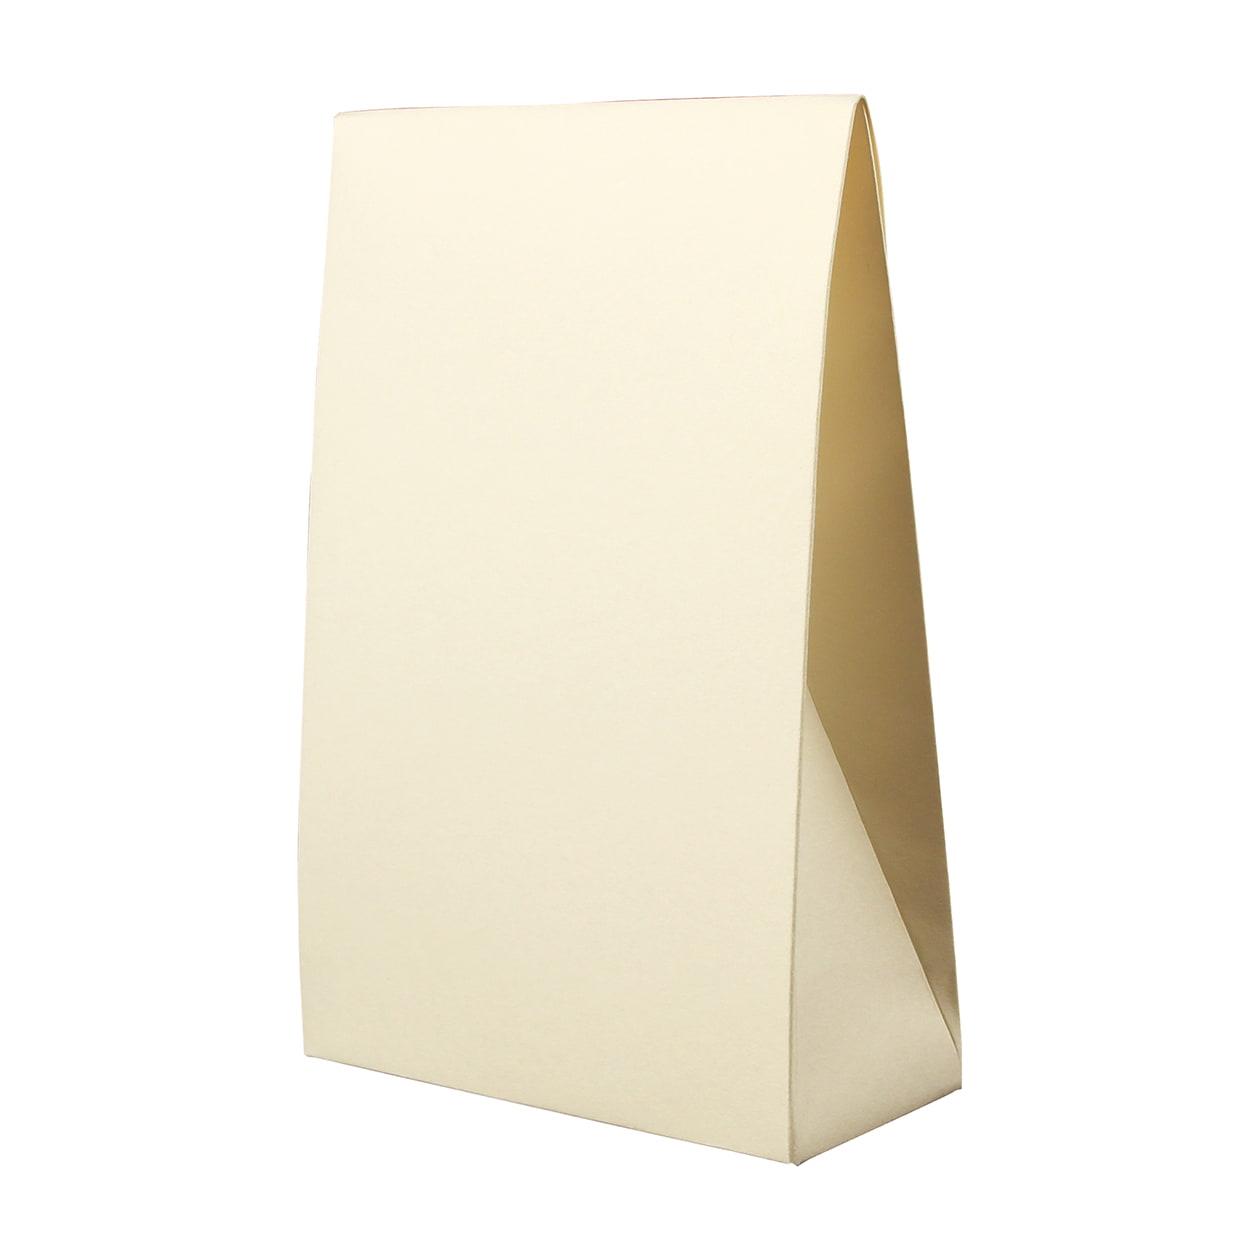 角底箱ロック式120×180×50 コットン ナチュラル 232.8g